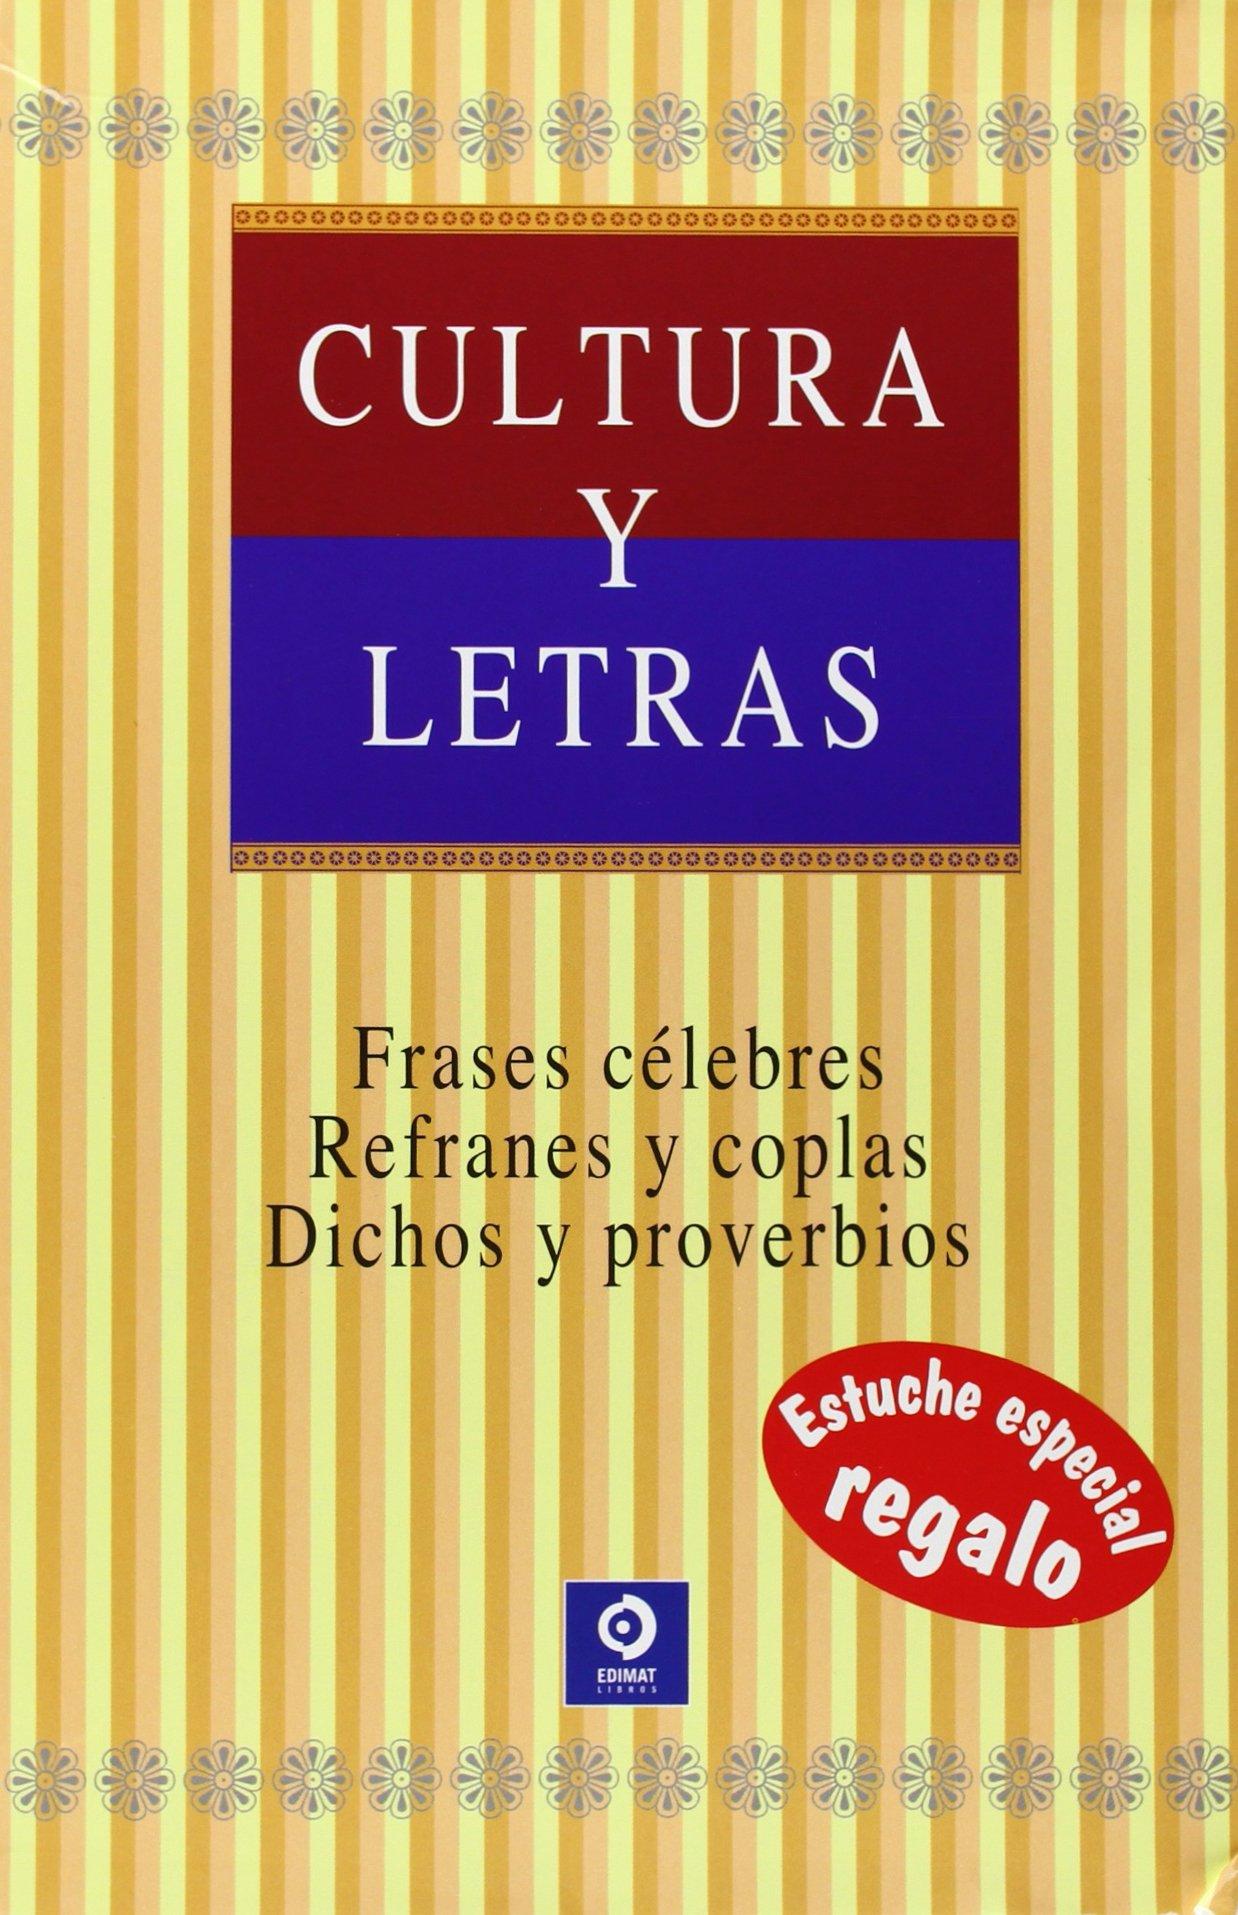 ESTUCHE CULTURA Y LETRAS - EDIMAT: 9788497949958: Amazon.com ...